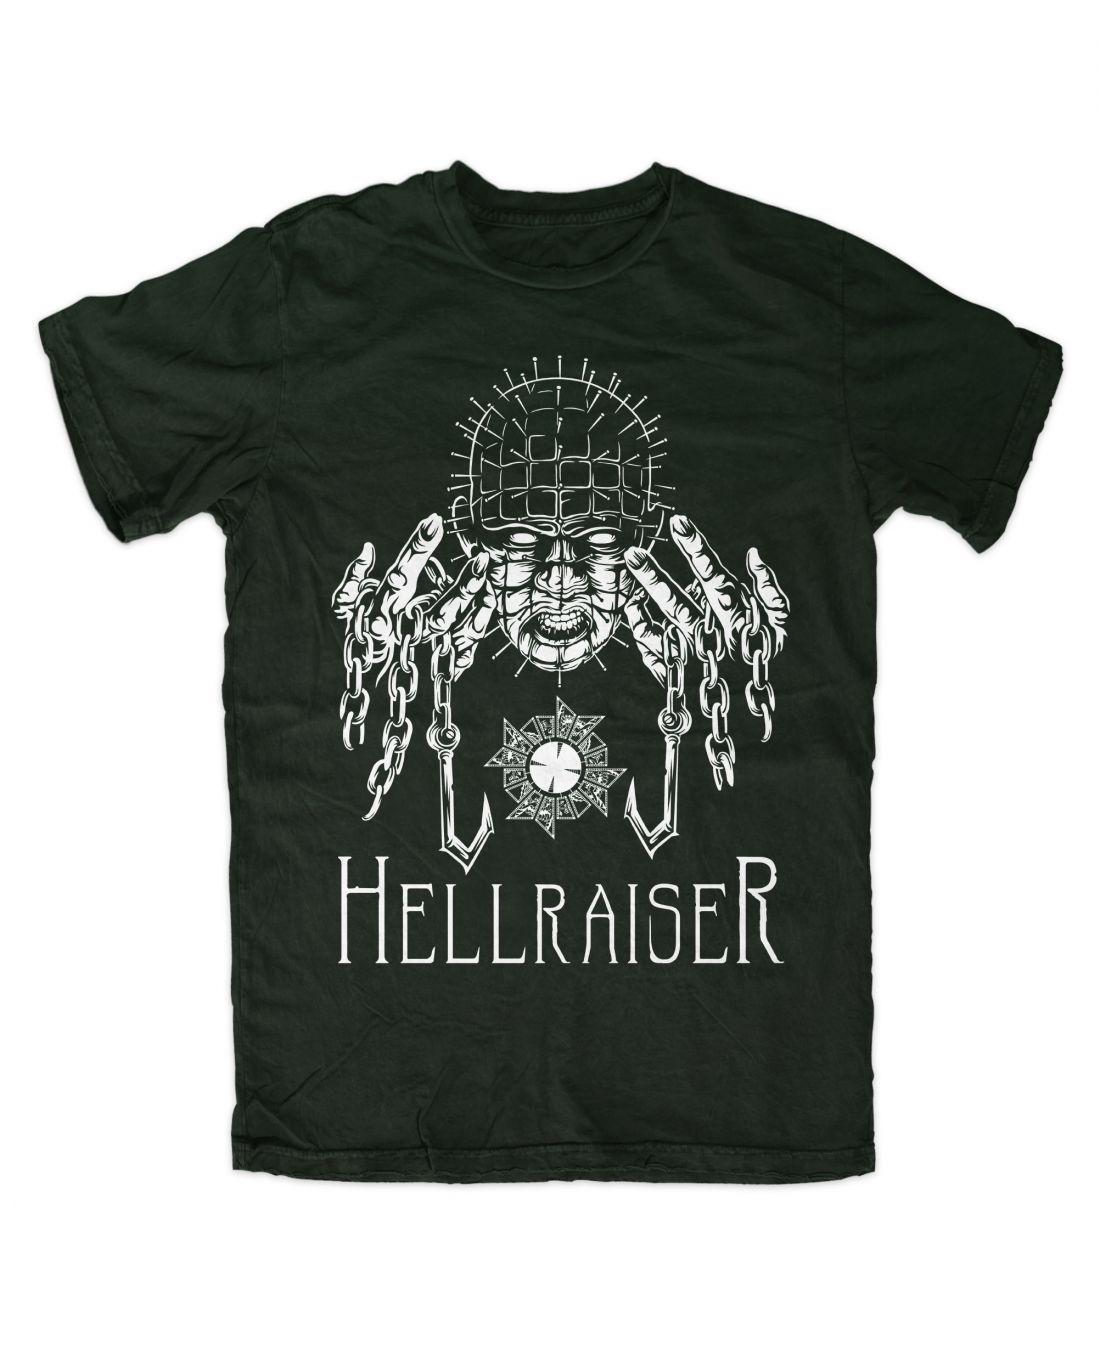 Hellraiser 001 (forest green póló)